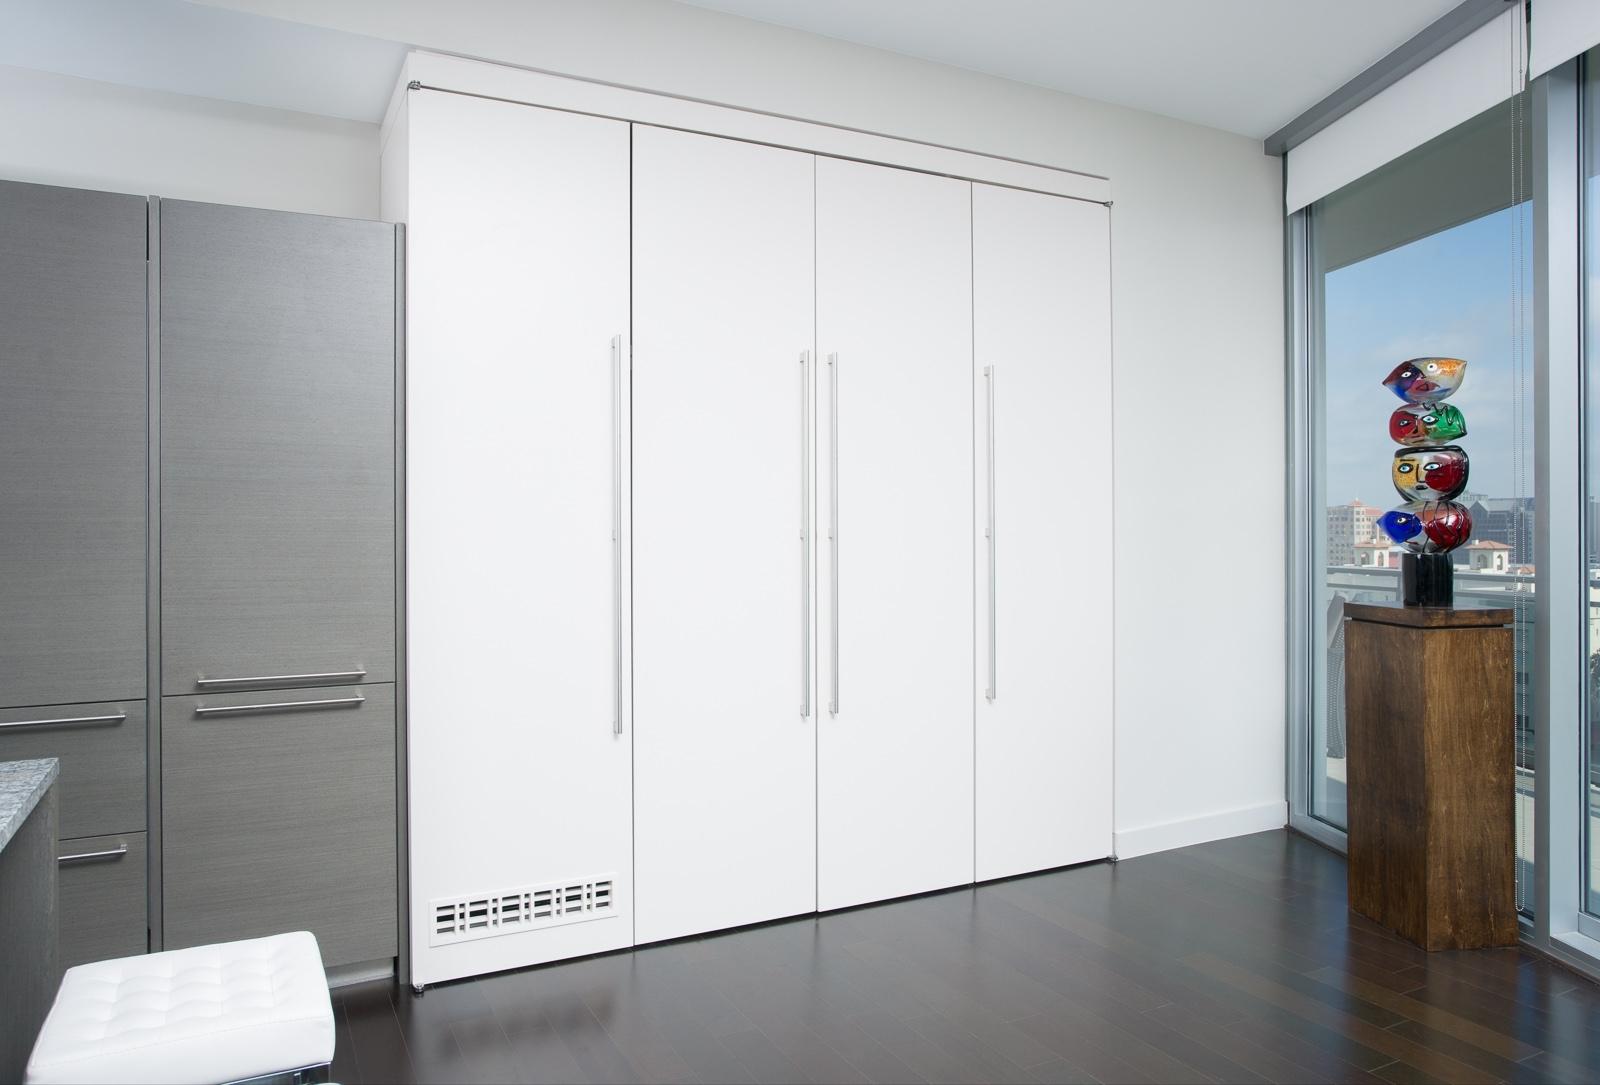 Pivot Door Slides For Closetpivot closet door slides